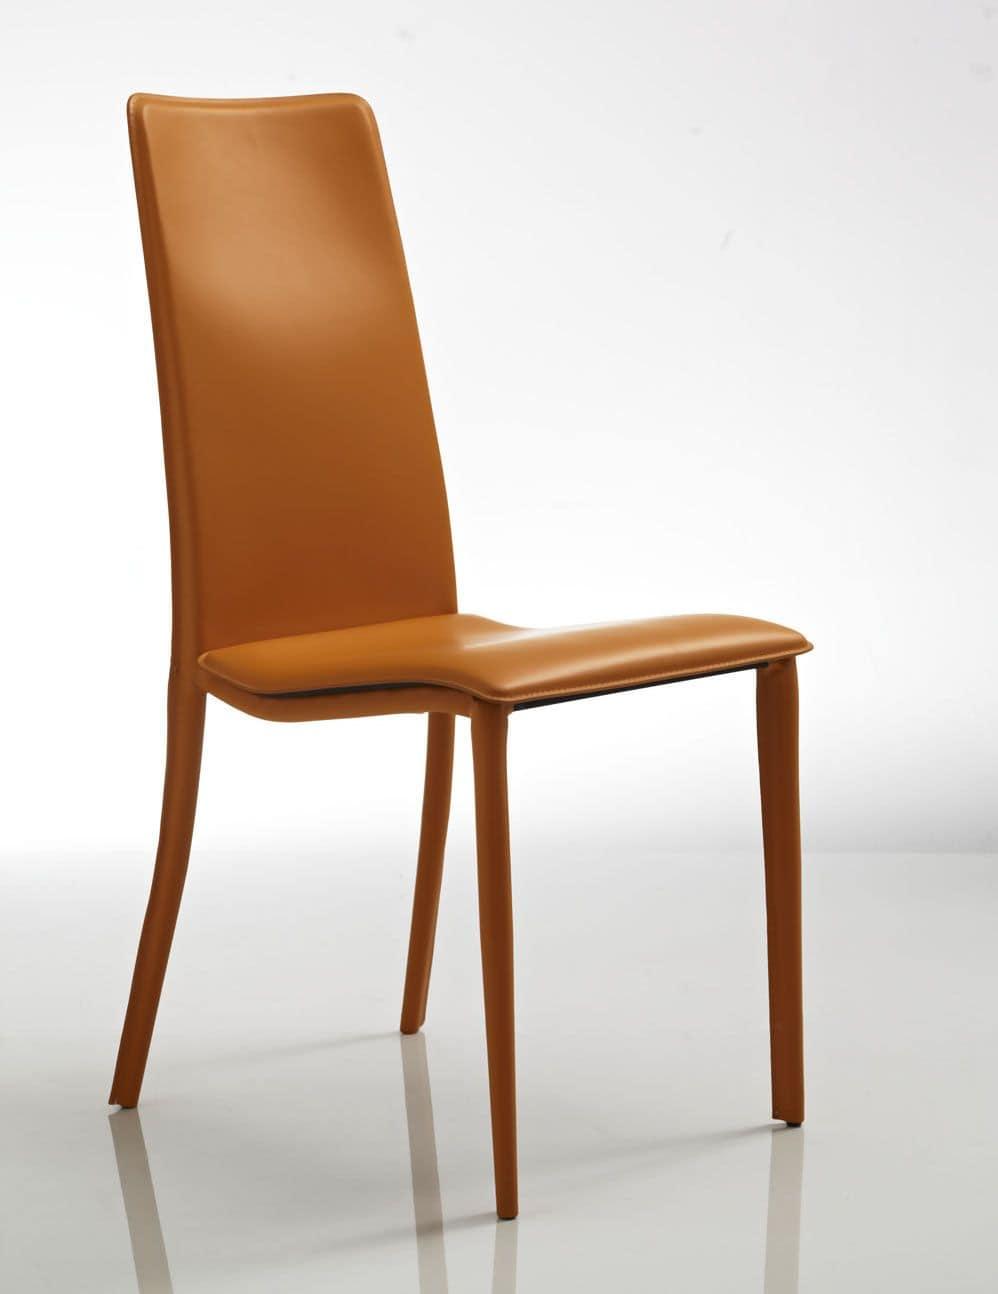 Comoda sedia in cuoio arancione per ristorante e albergo for Sedia design comoda